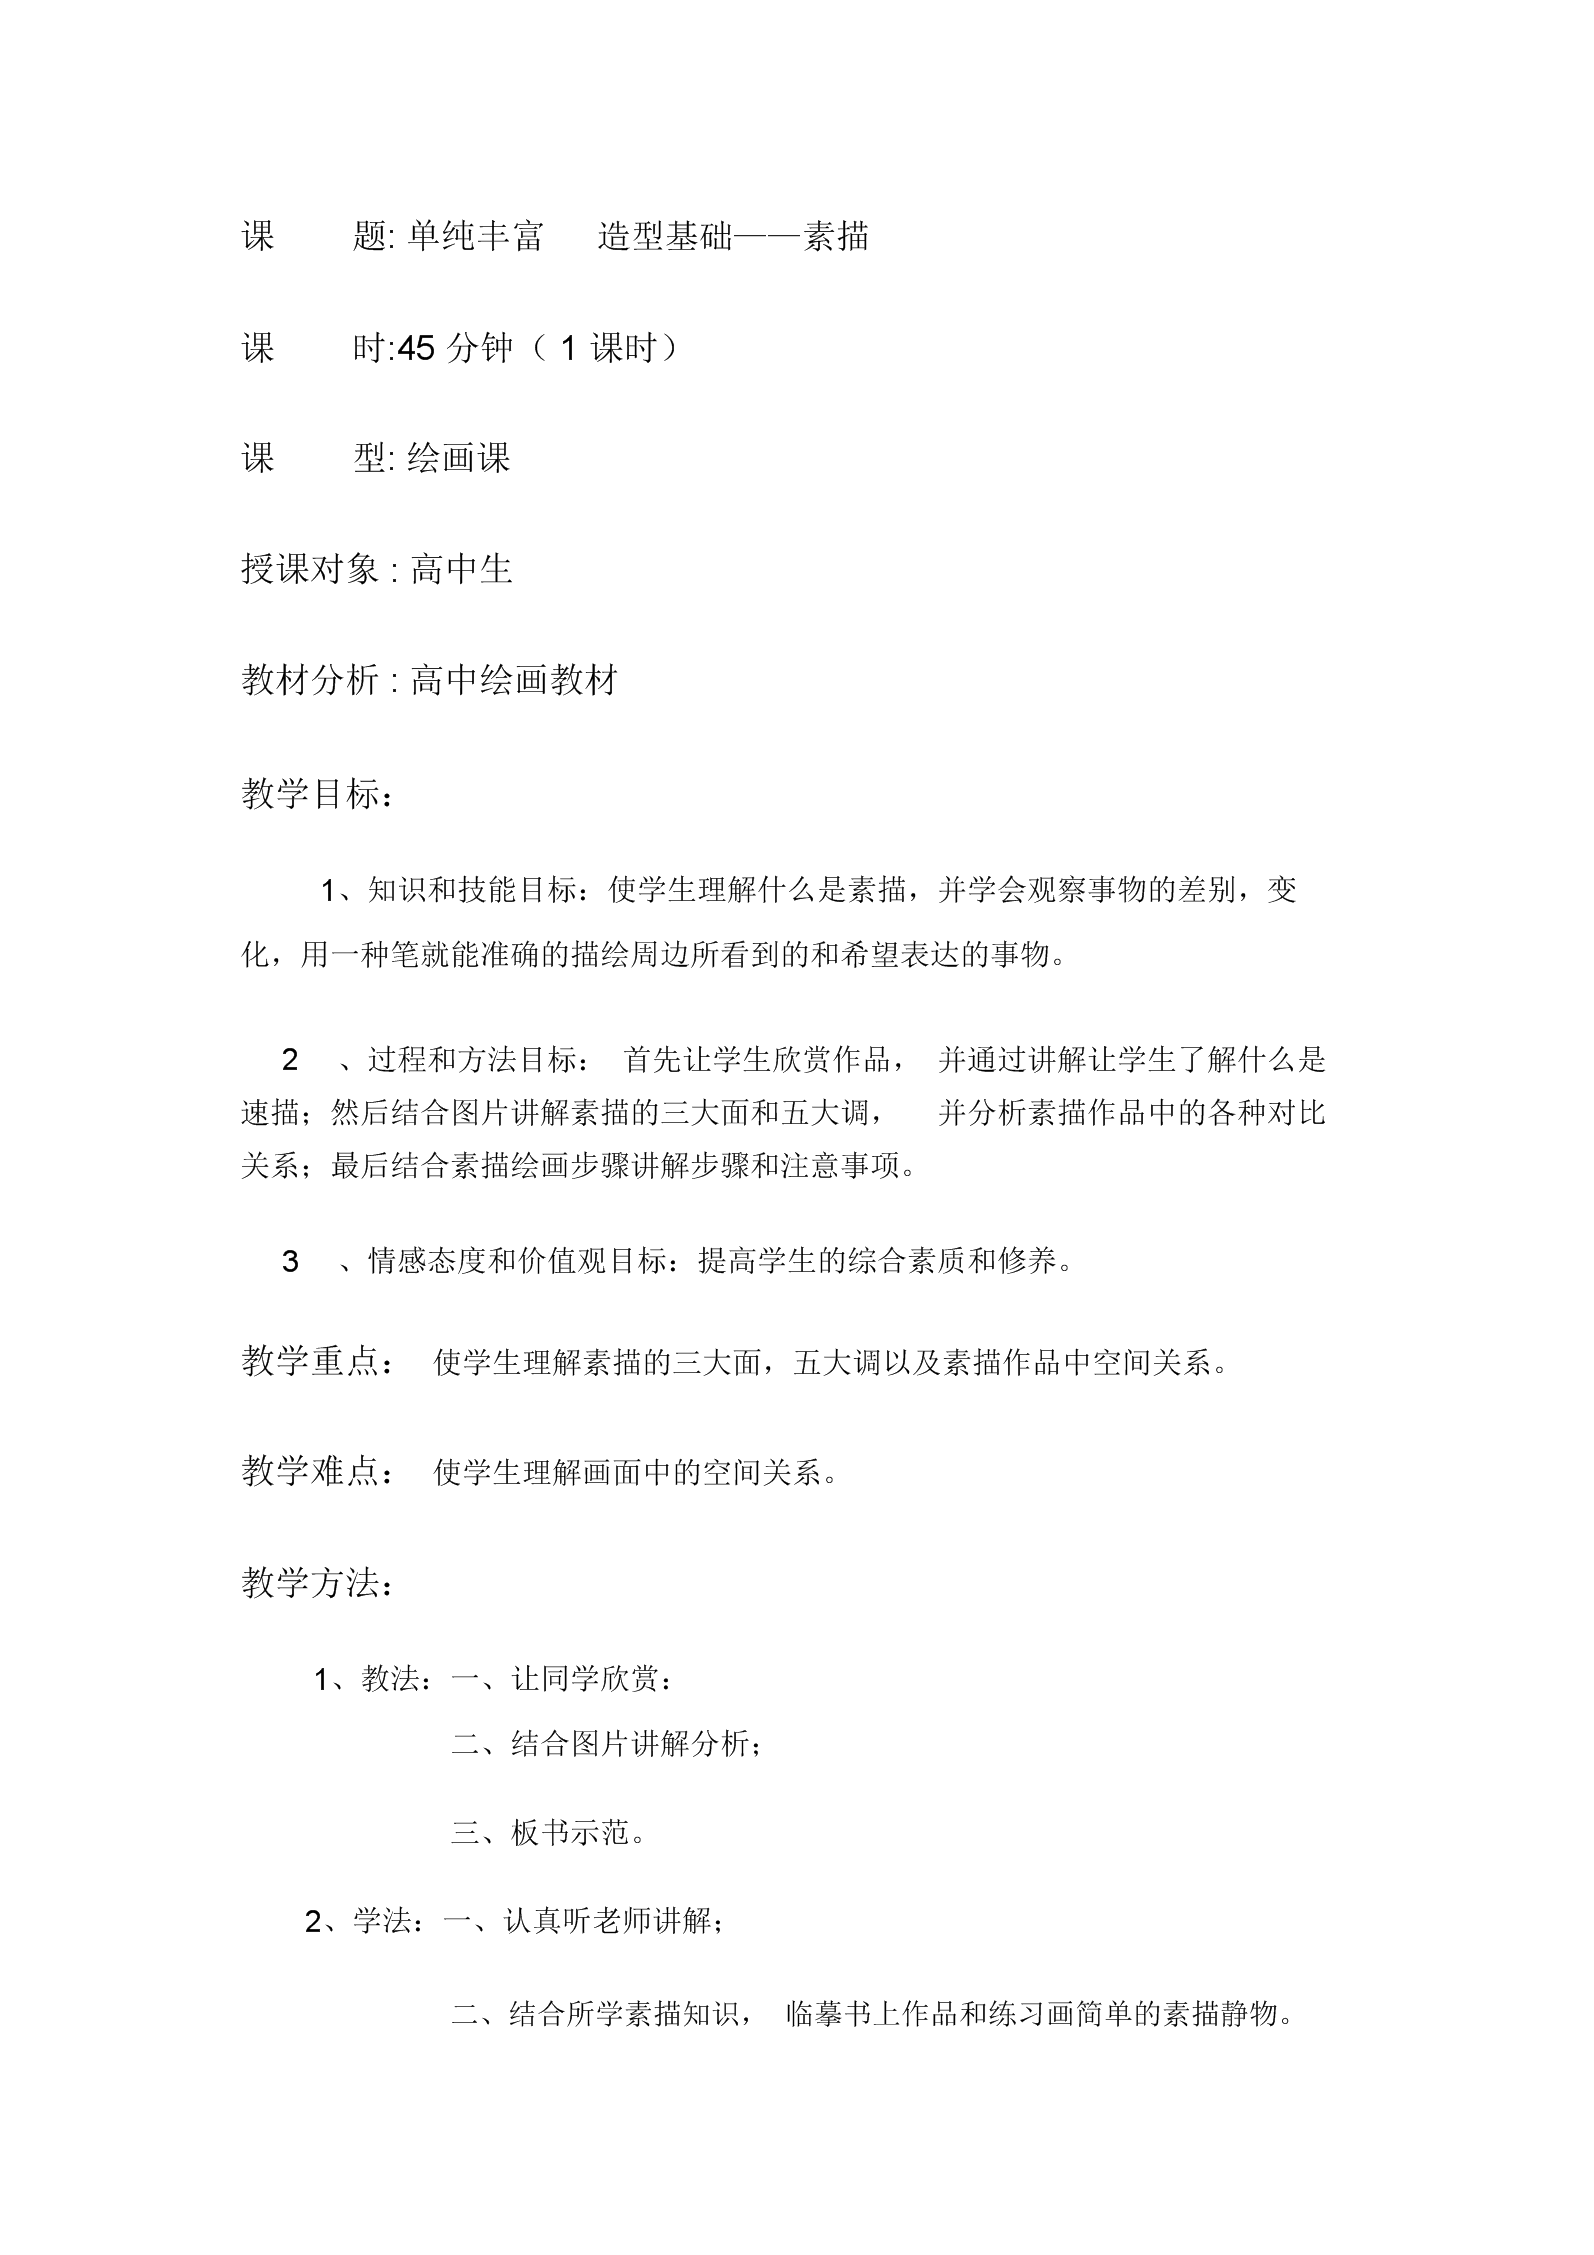 01-单纯丰富--造型基础——素描-教案.docx